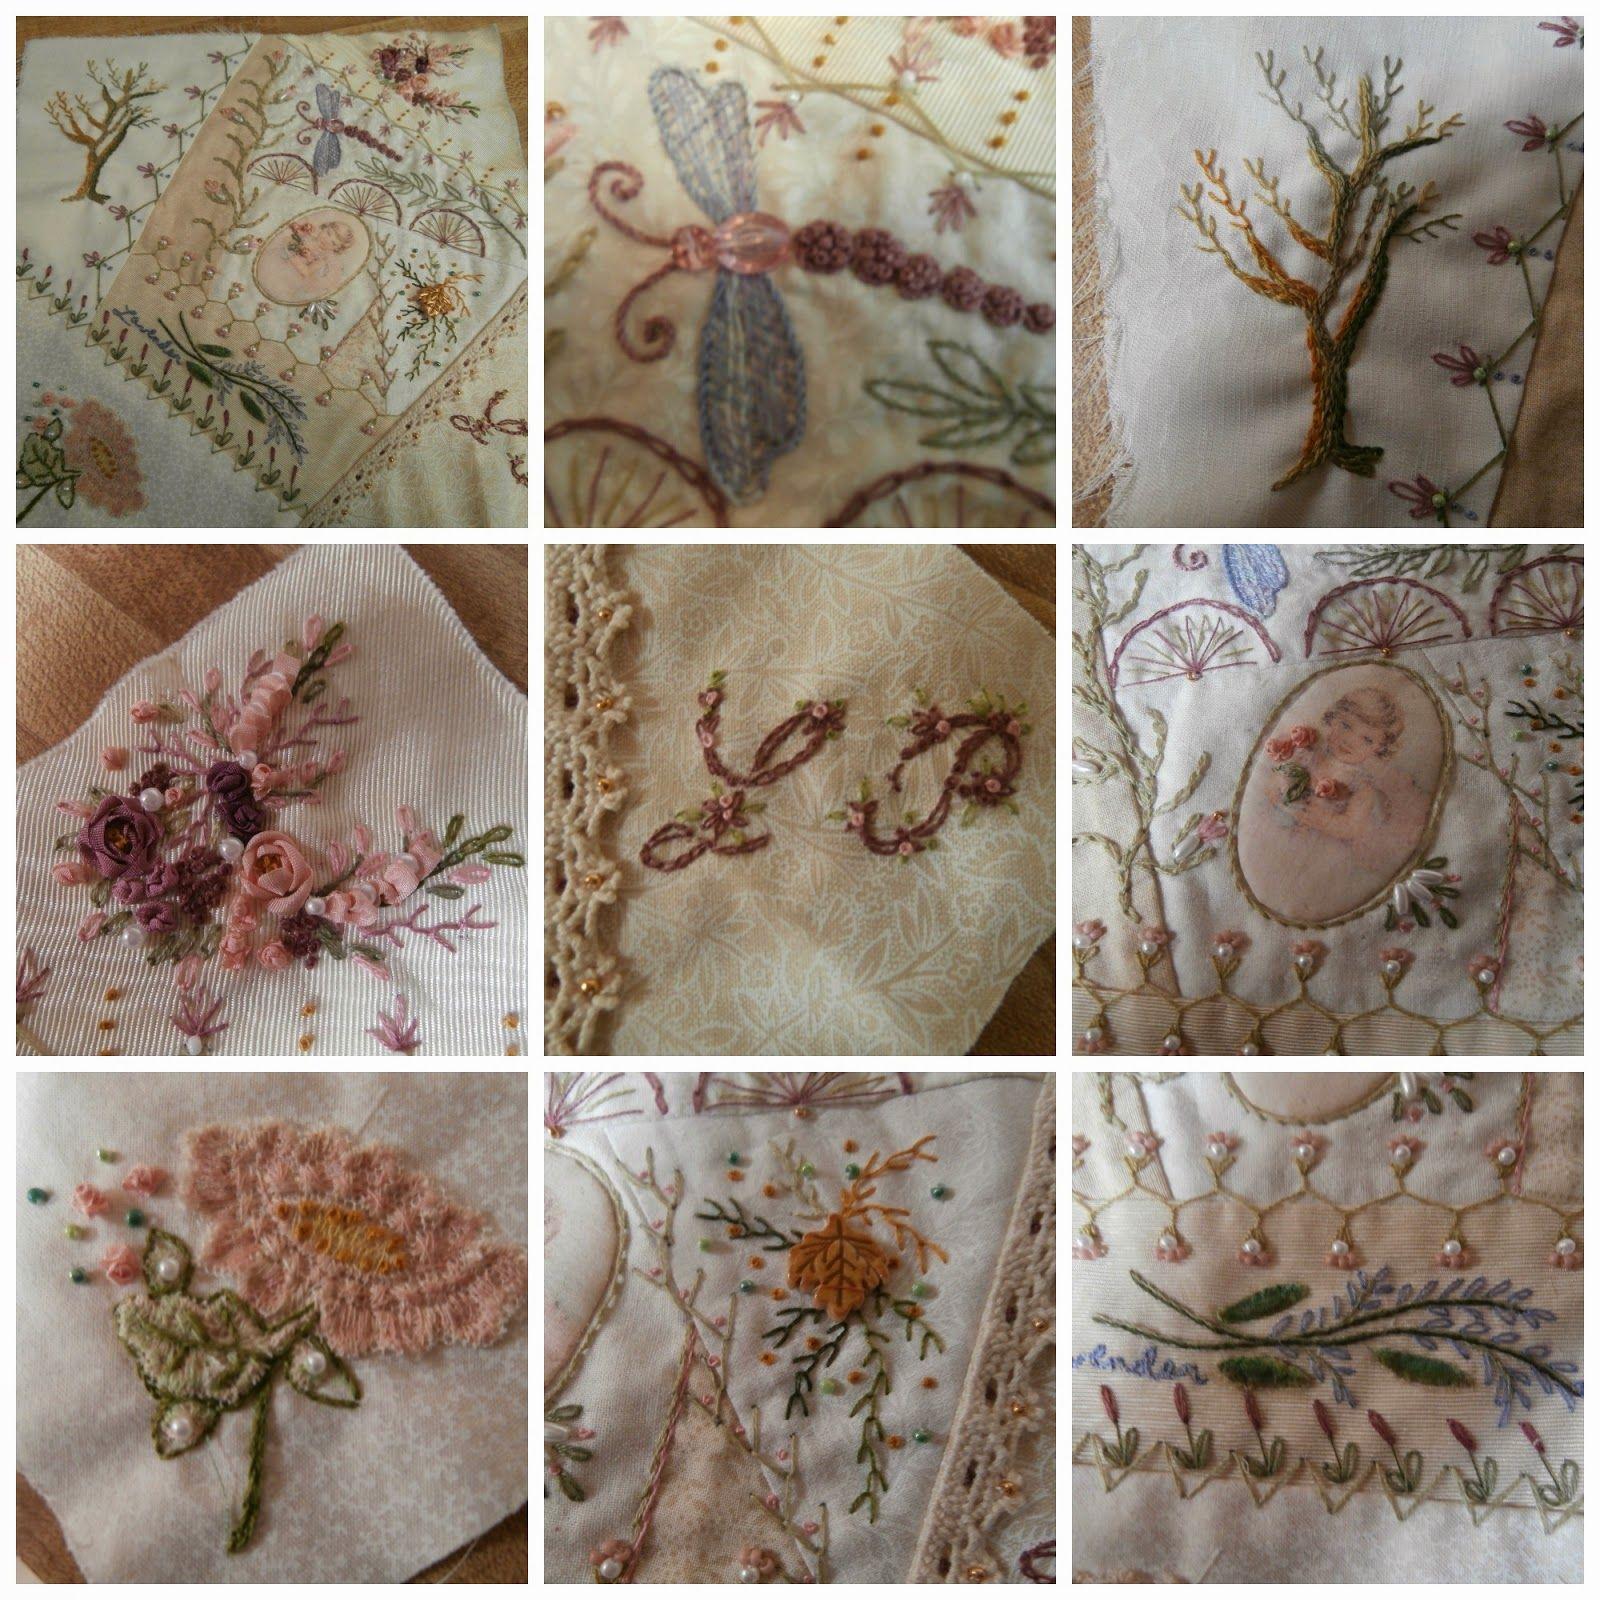 Sew Many Joyous Things - Linda's Journey